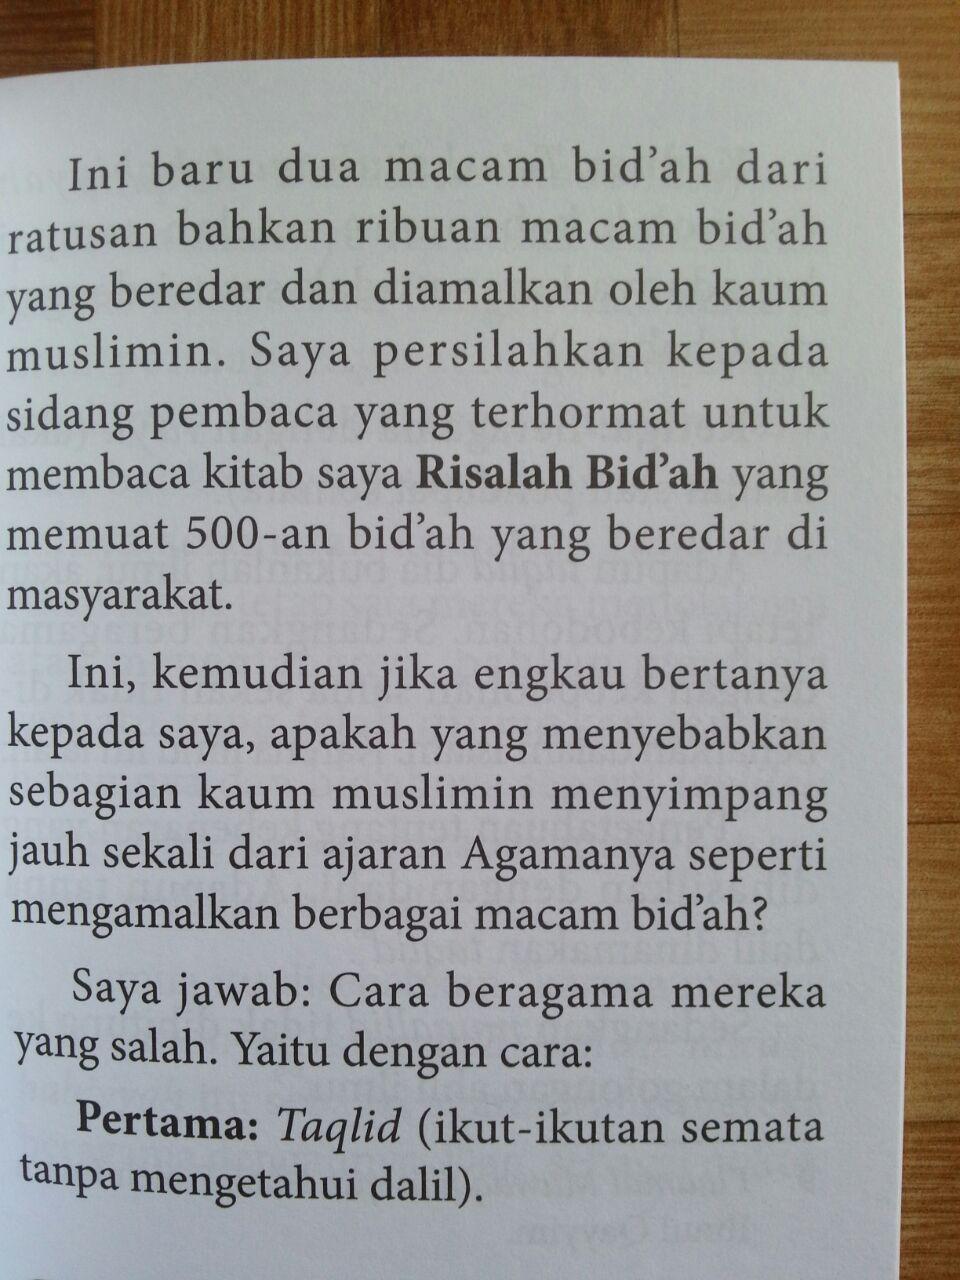 Buku Hukum Tahlilan (Selametan Kematian) Menurut 4 Madzhab isi 2